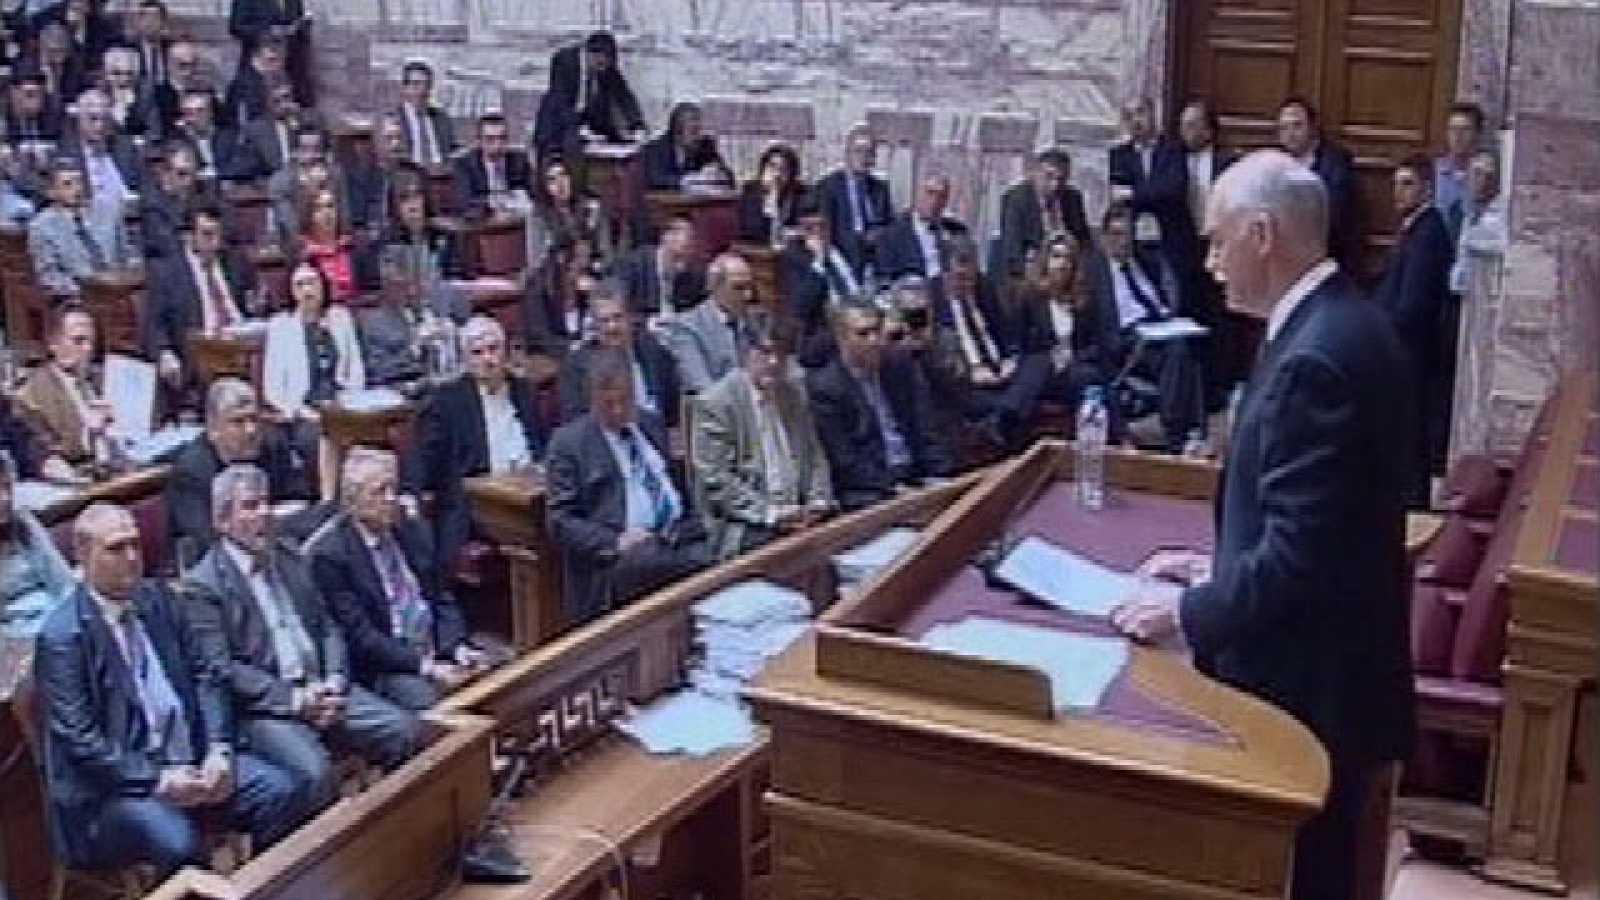 La UE estudia cómo ayudar a Grecia tras la insuficiencia del rescate de hace un año